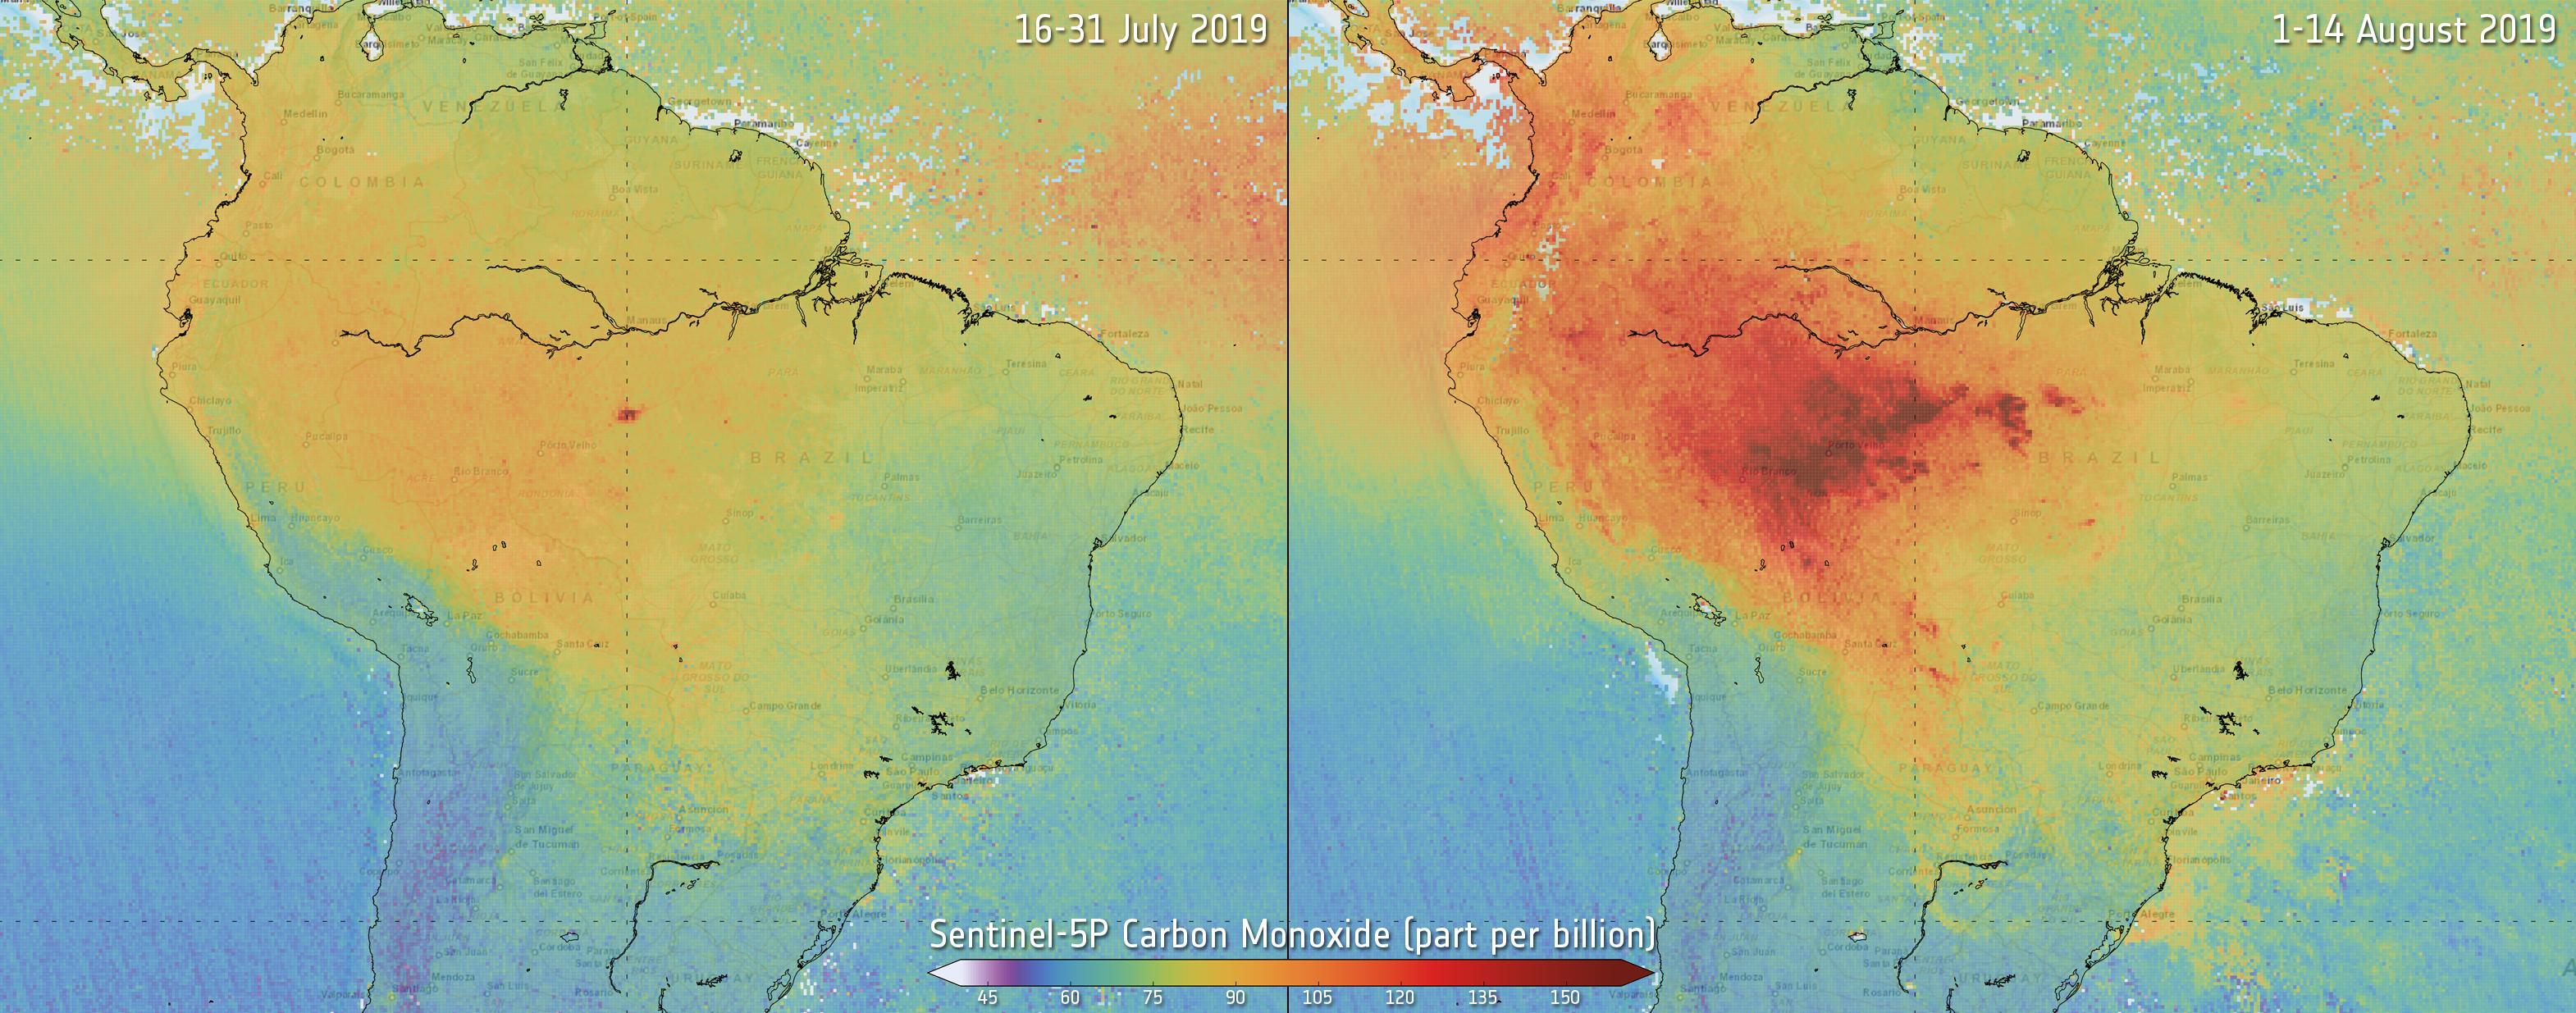 Műholdas felvételeken látszik, hogy nőtt az amazonasi erdőtüzek okozta légszennyezettség